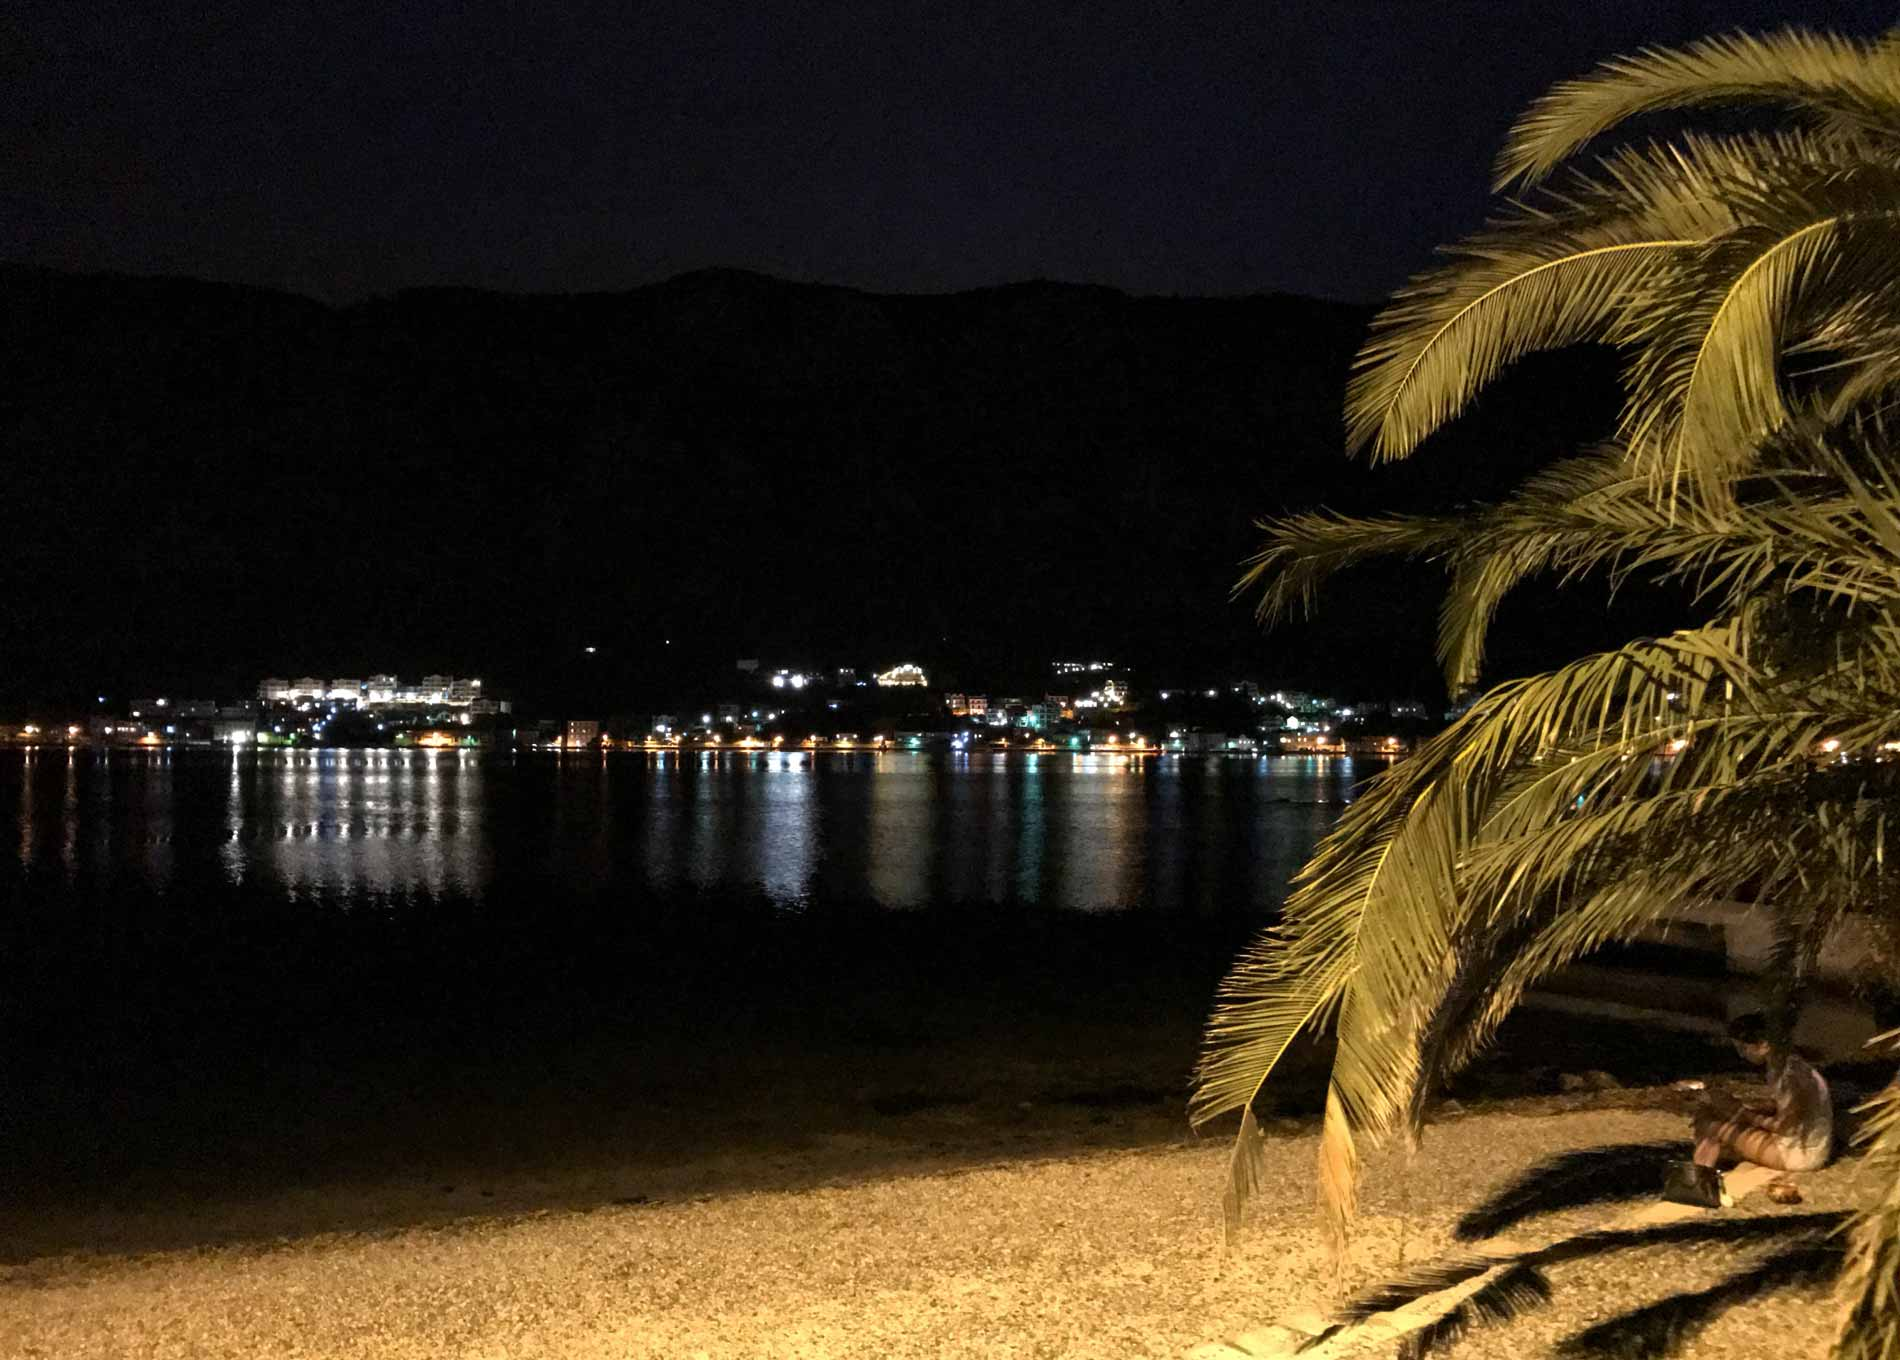 Kotor-Montenegro-palma-spiaggia-notte-luci